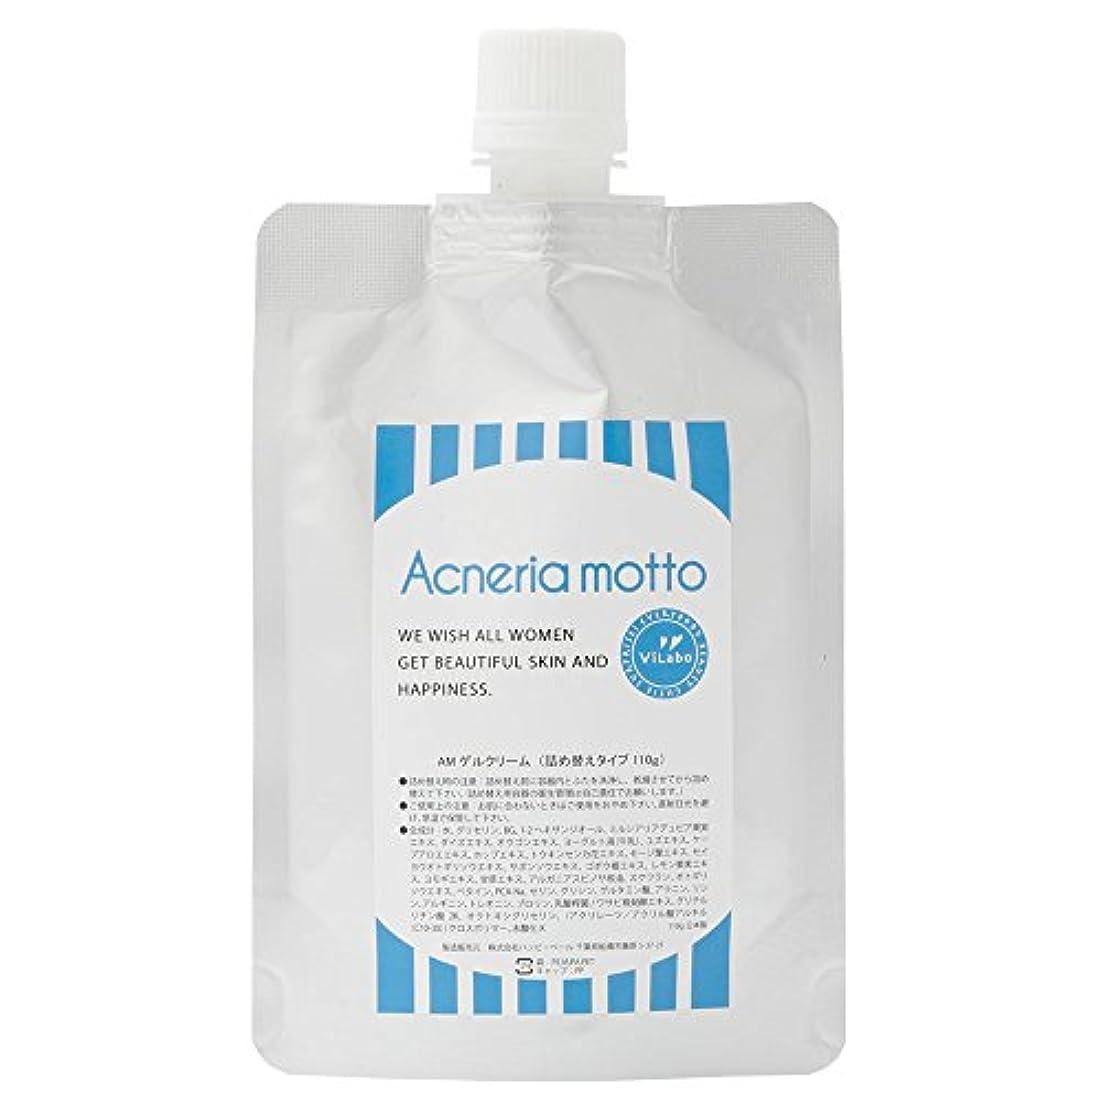 油既に絶縁するViLabo アクネリアモットゲルクリーム (AMゲルクリーム) 110g 詰め替え用パウチ ビラボ